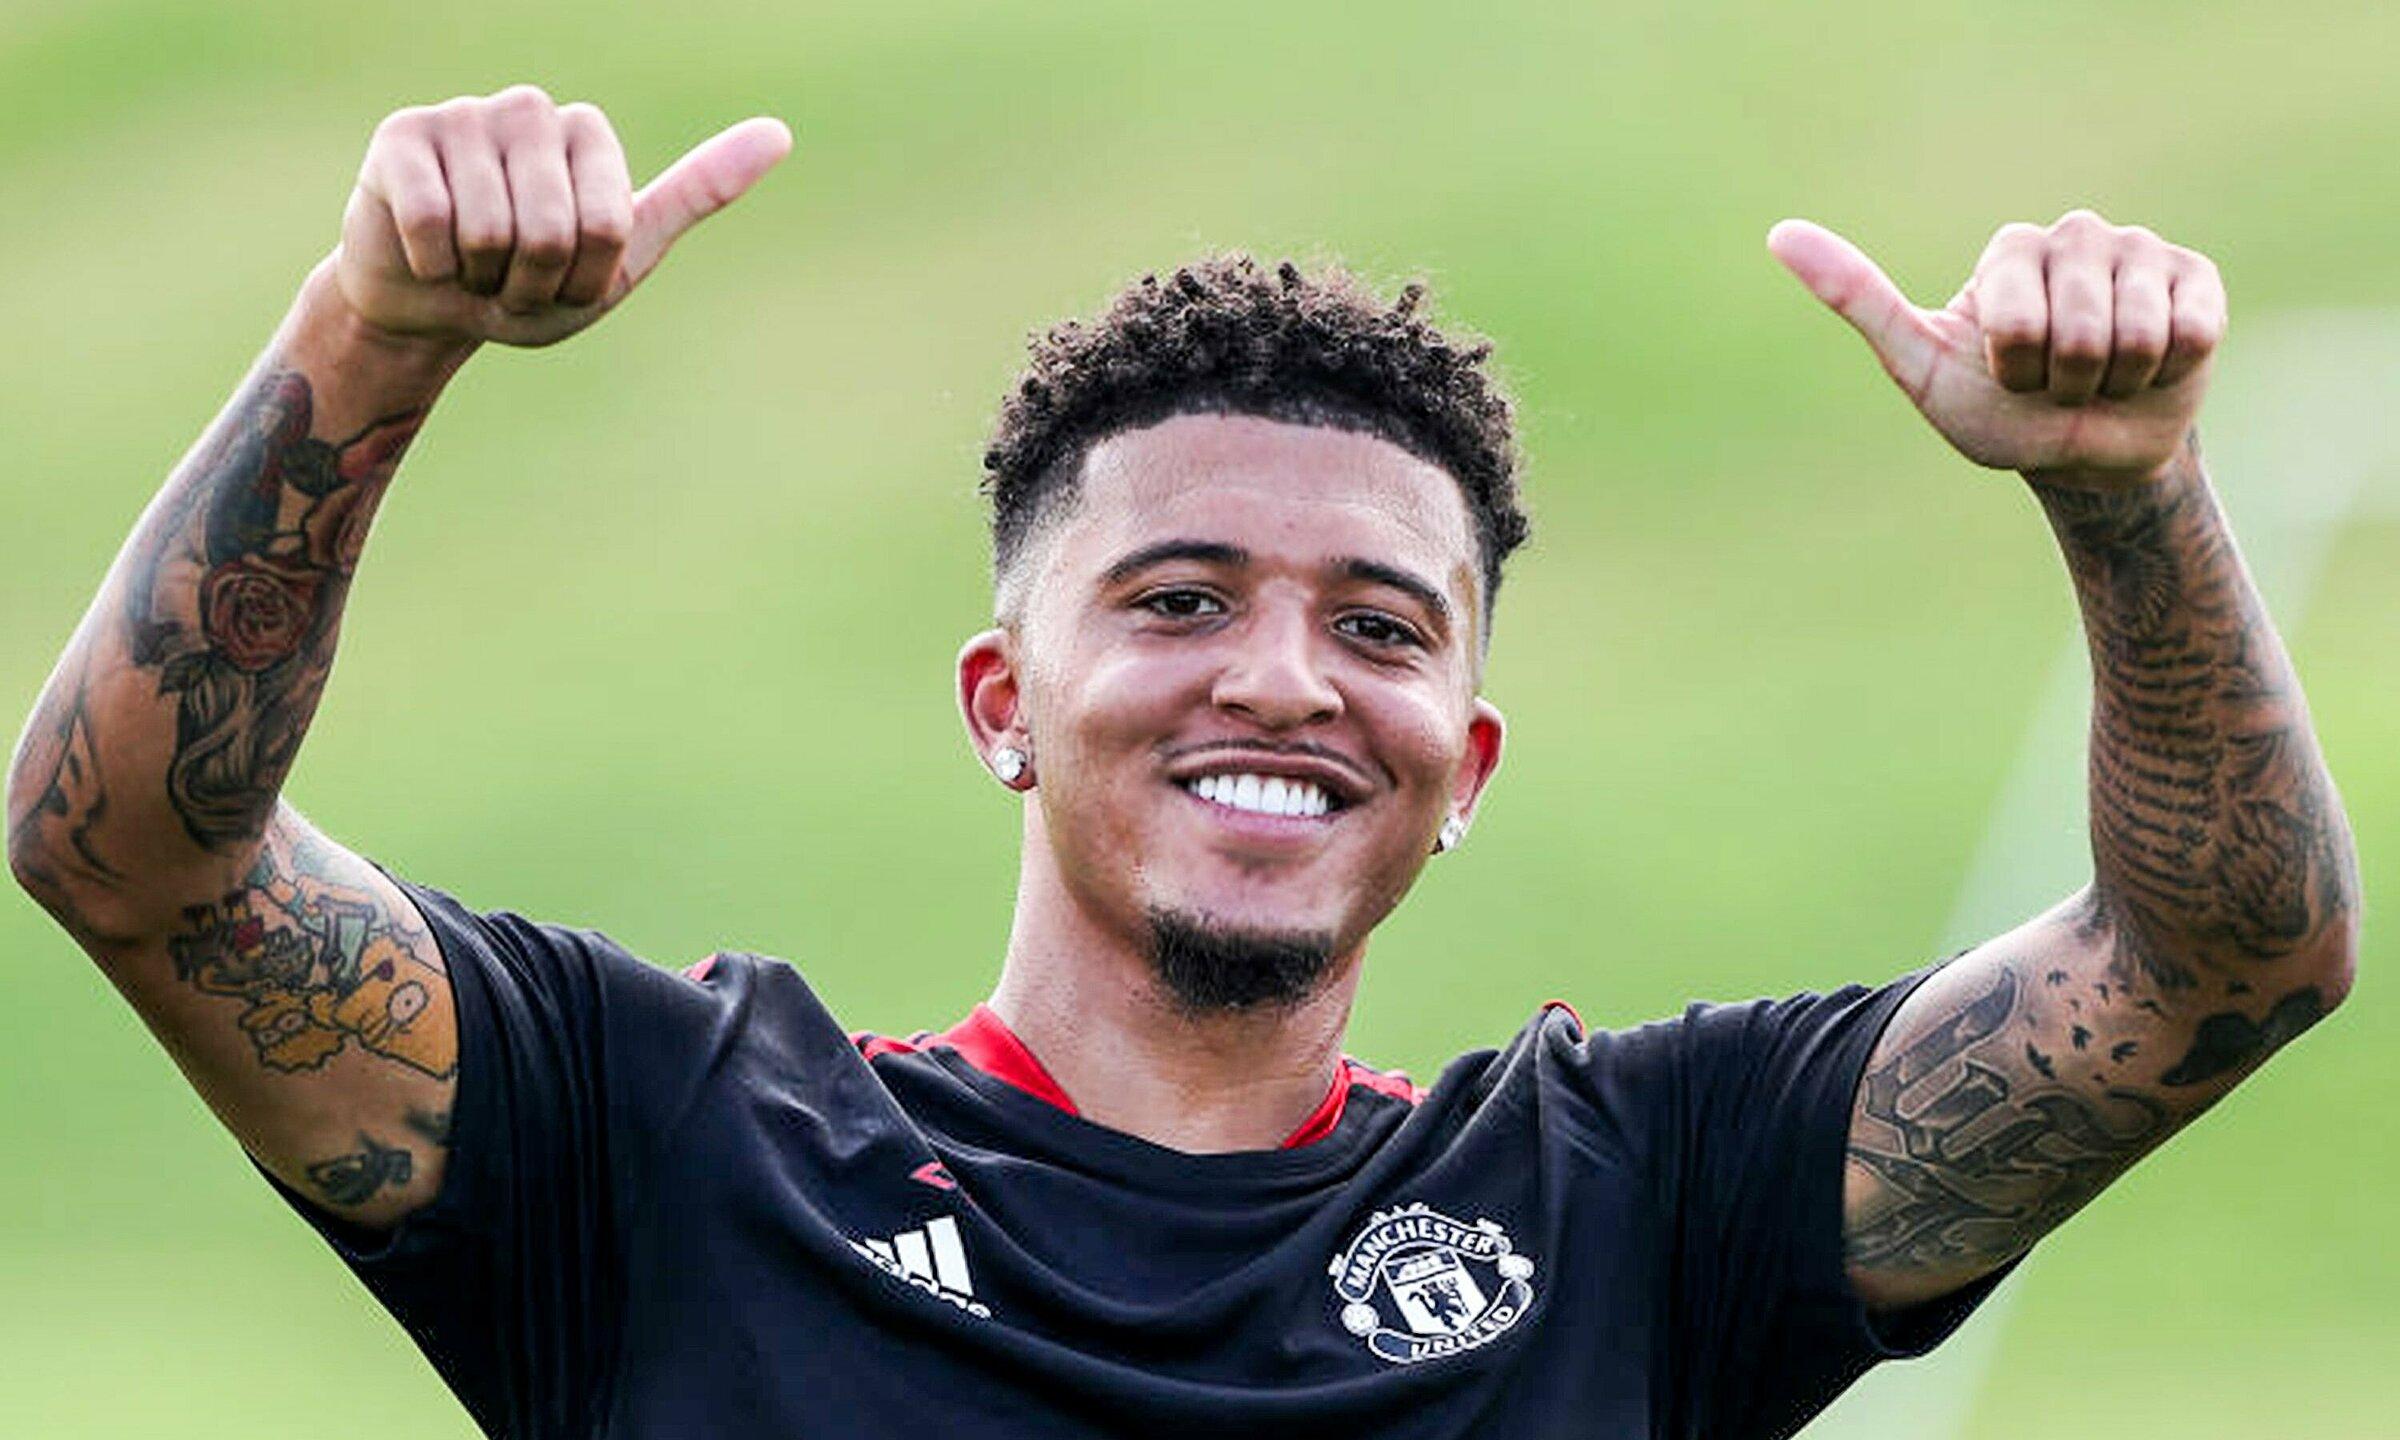 Sancho ในการฝึกซ้อมครั้งแรกกับ Man Utd เมื่อวันที่ 9 สิงหาคม  ภาพ: Manutd.com